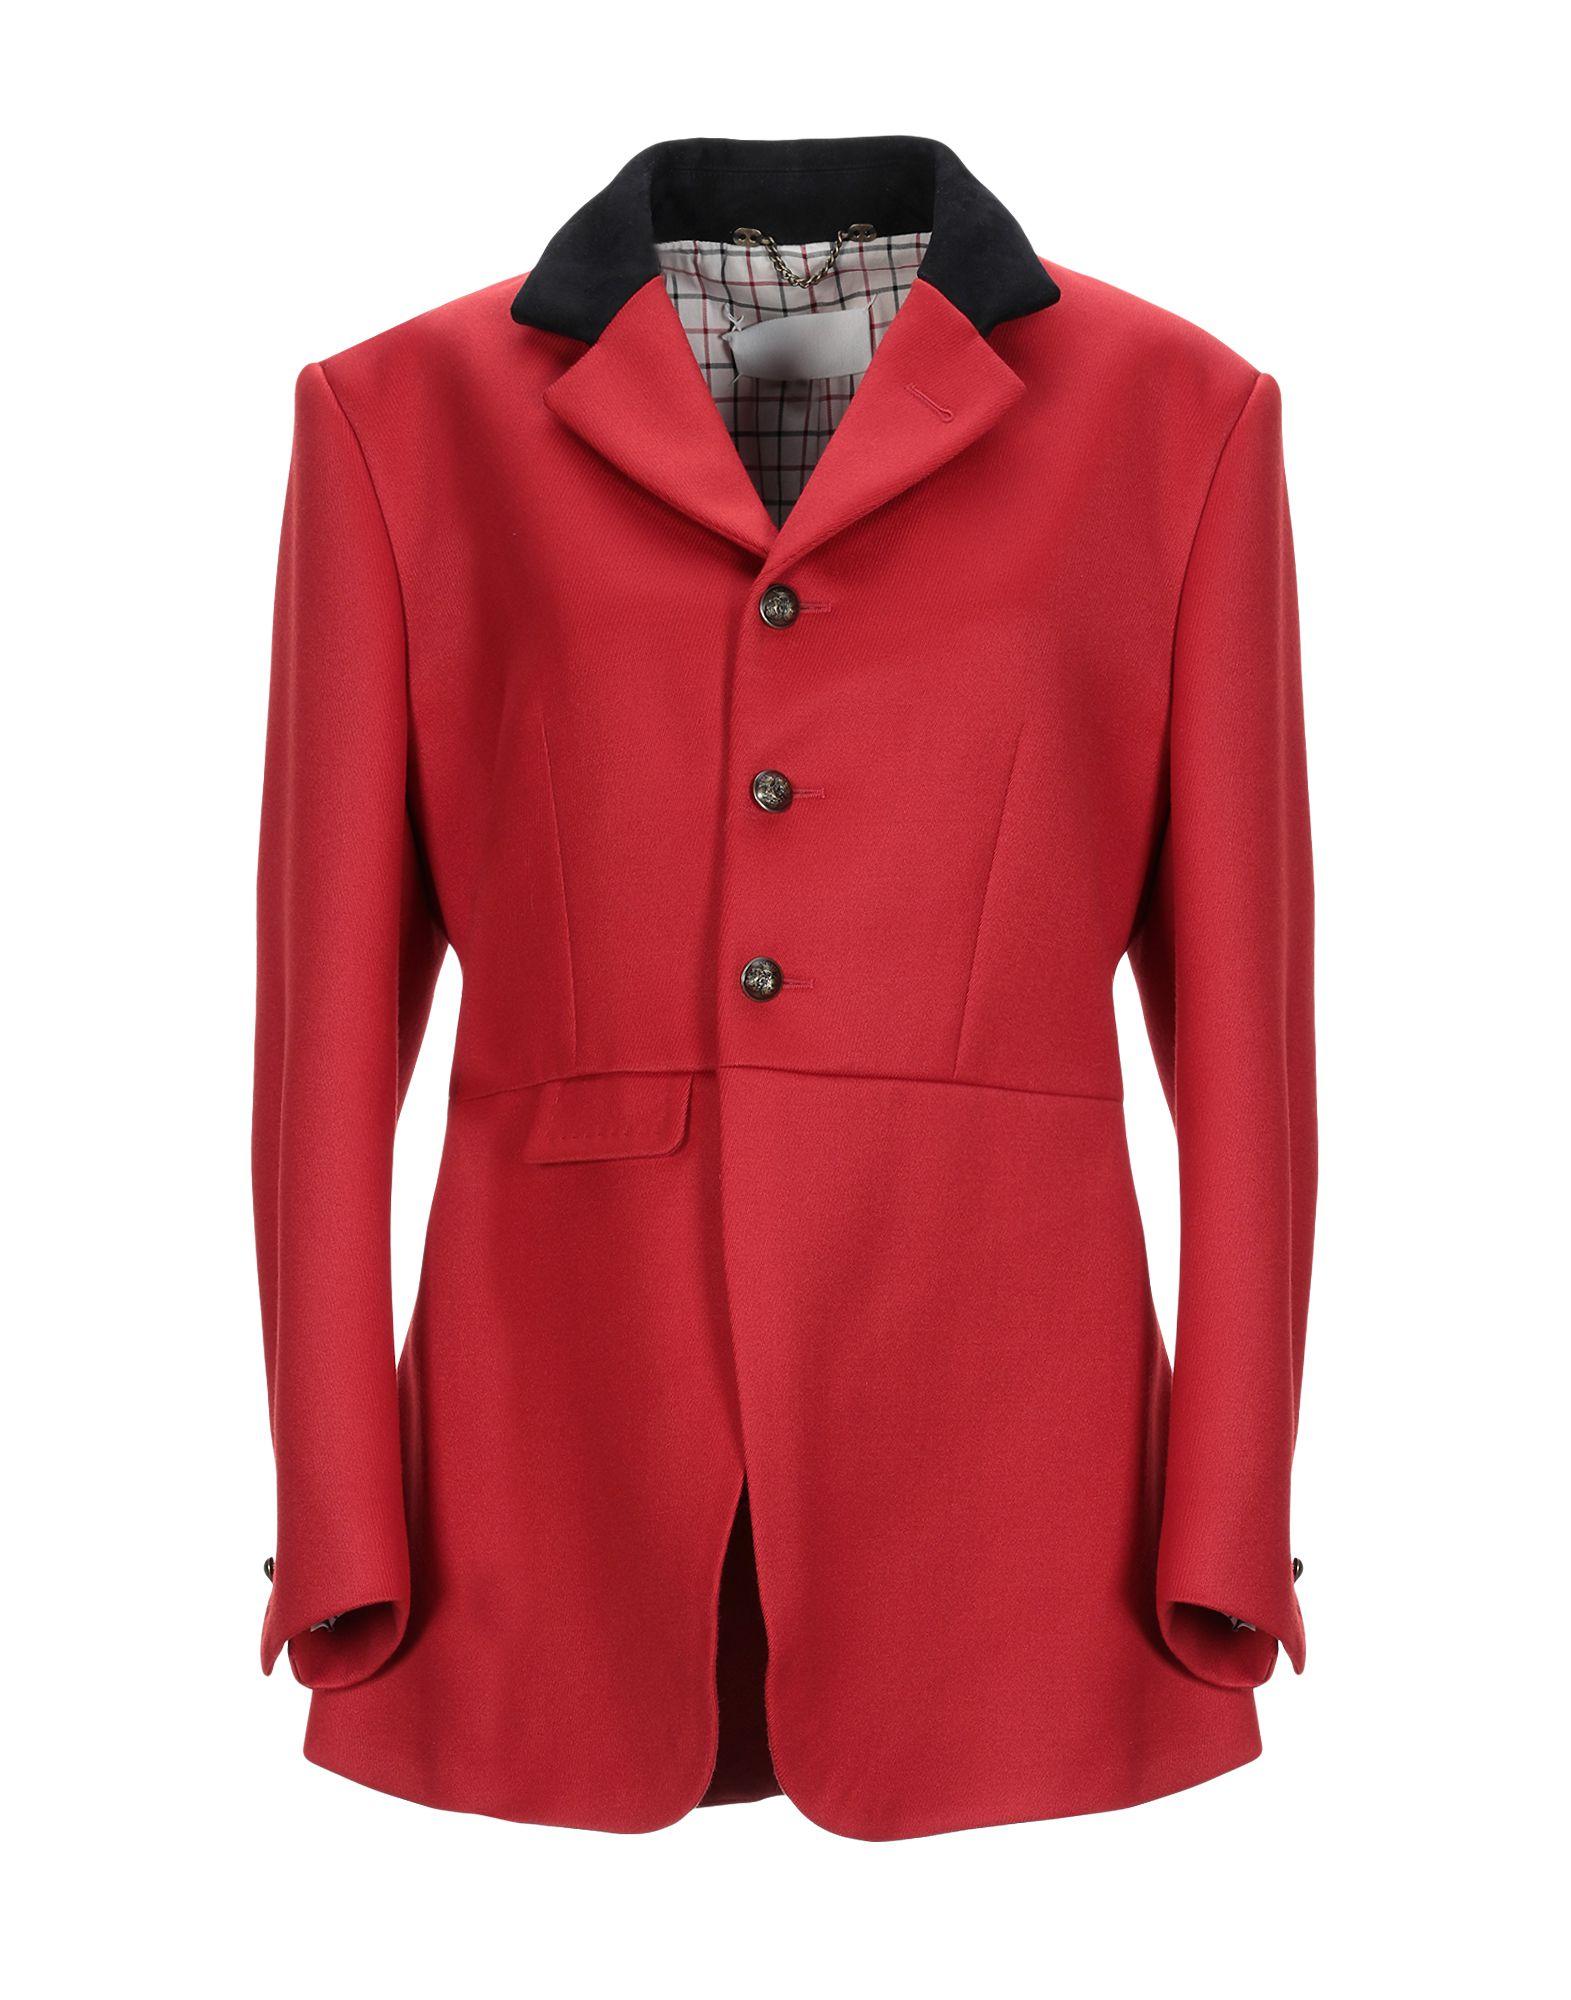 MAISON MARGIELA Coats - Item 41857462